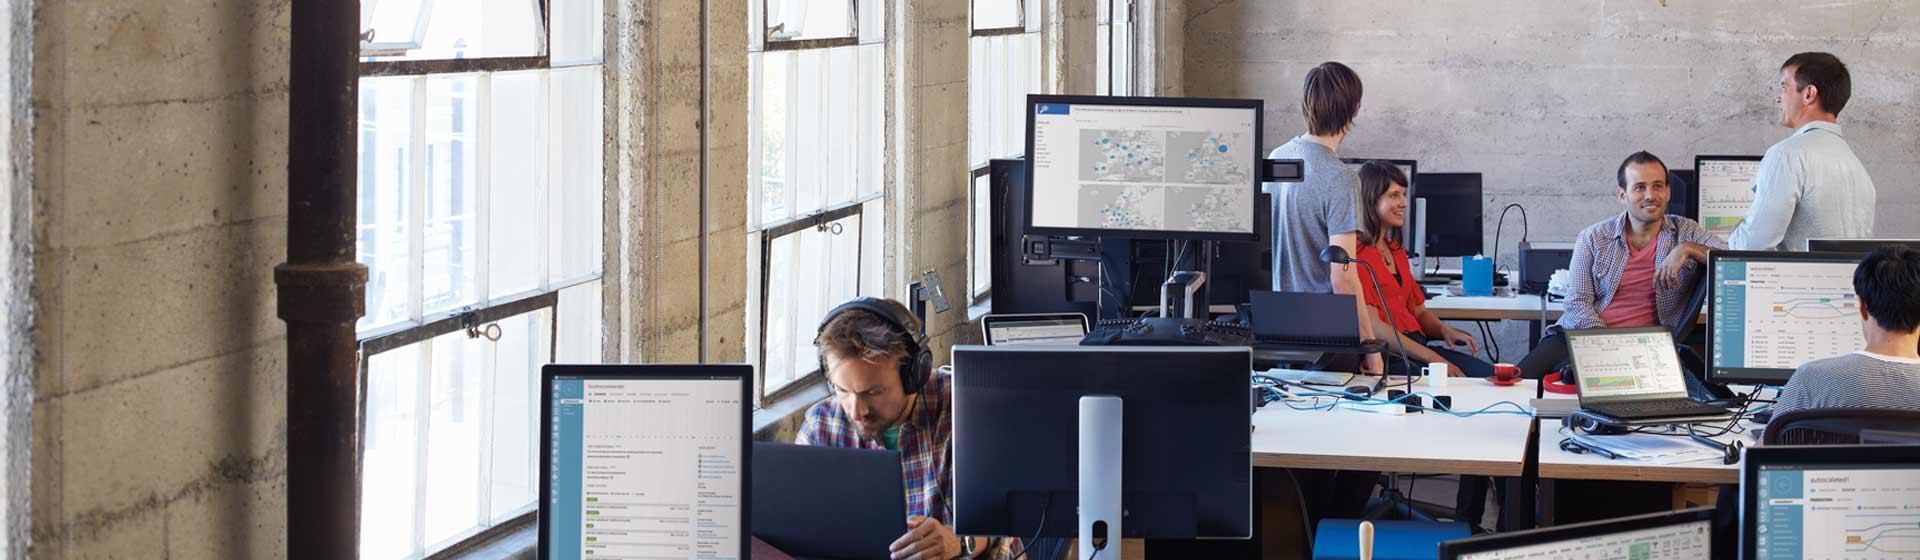 Μια ομάδα συναδέλφων που κάθονται και στέκονται όρθιοι γύρω από τα γραφεία τους σε ένα γραφείο με υπολογιστές που εκτελούν το Office 365